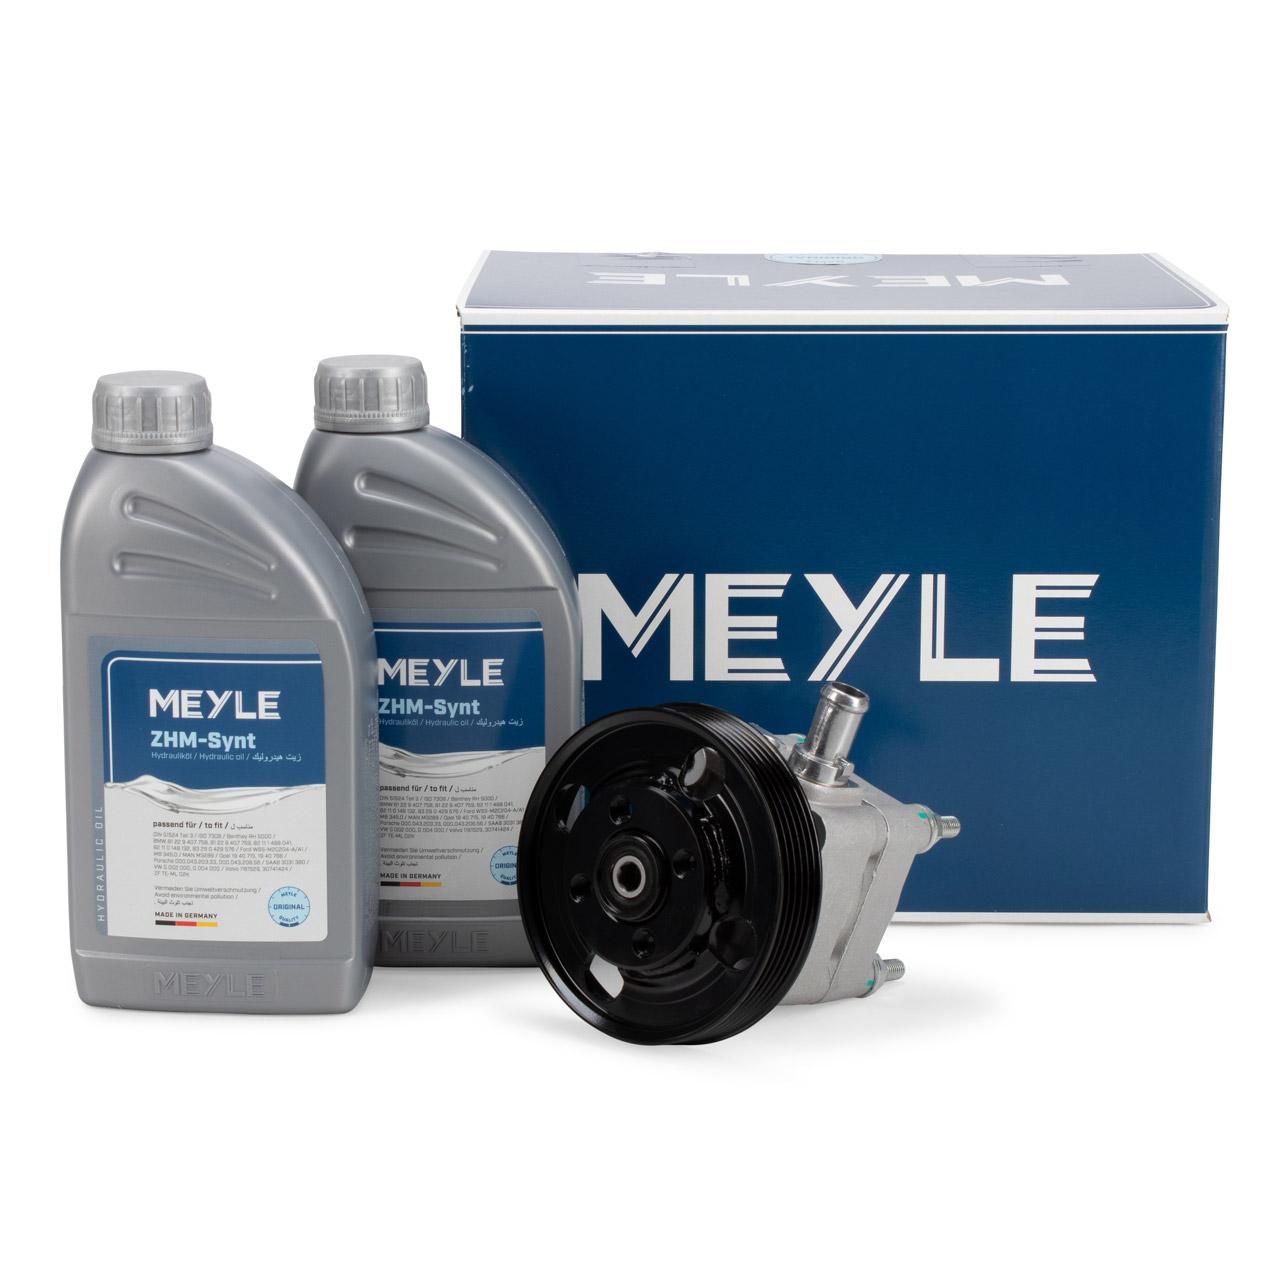 MEYLE Hydraulikpumpe + 2L Hydrauliköl FORD Mondeo 4 S-Max 2.5 VOLVO S80 2 V70 3 2.4D 2.5T